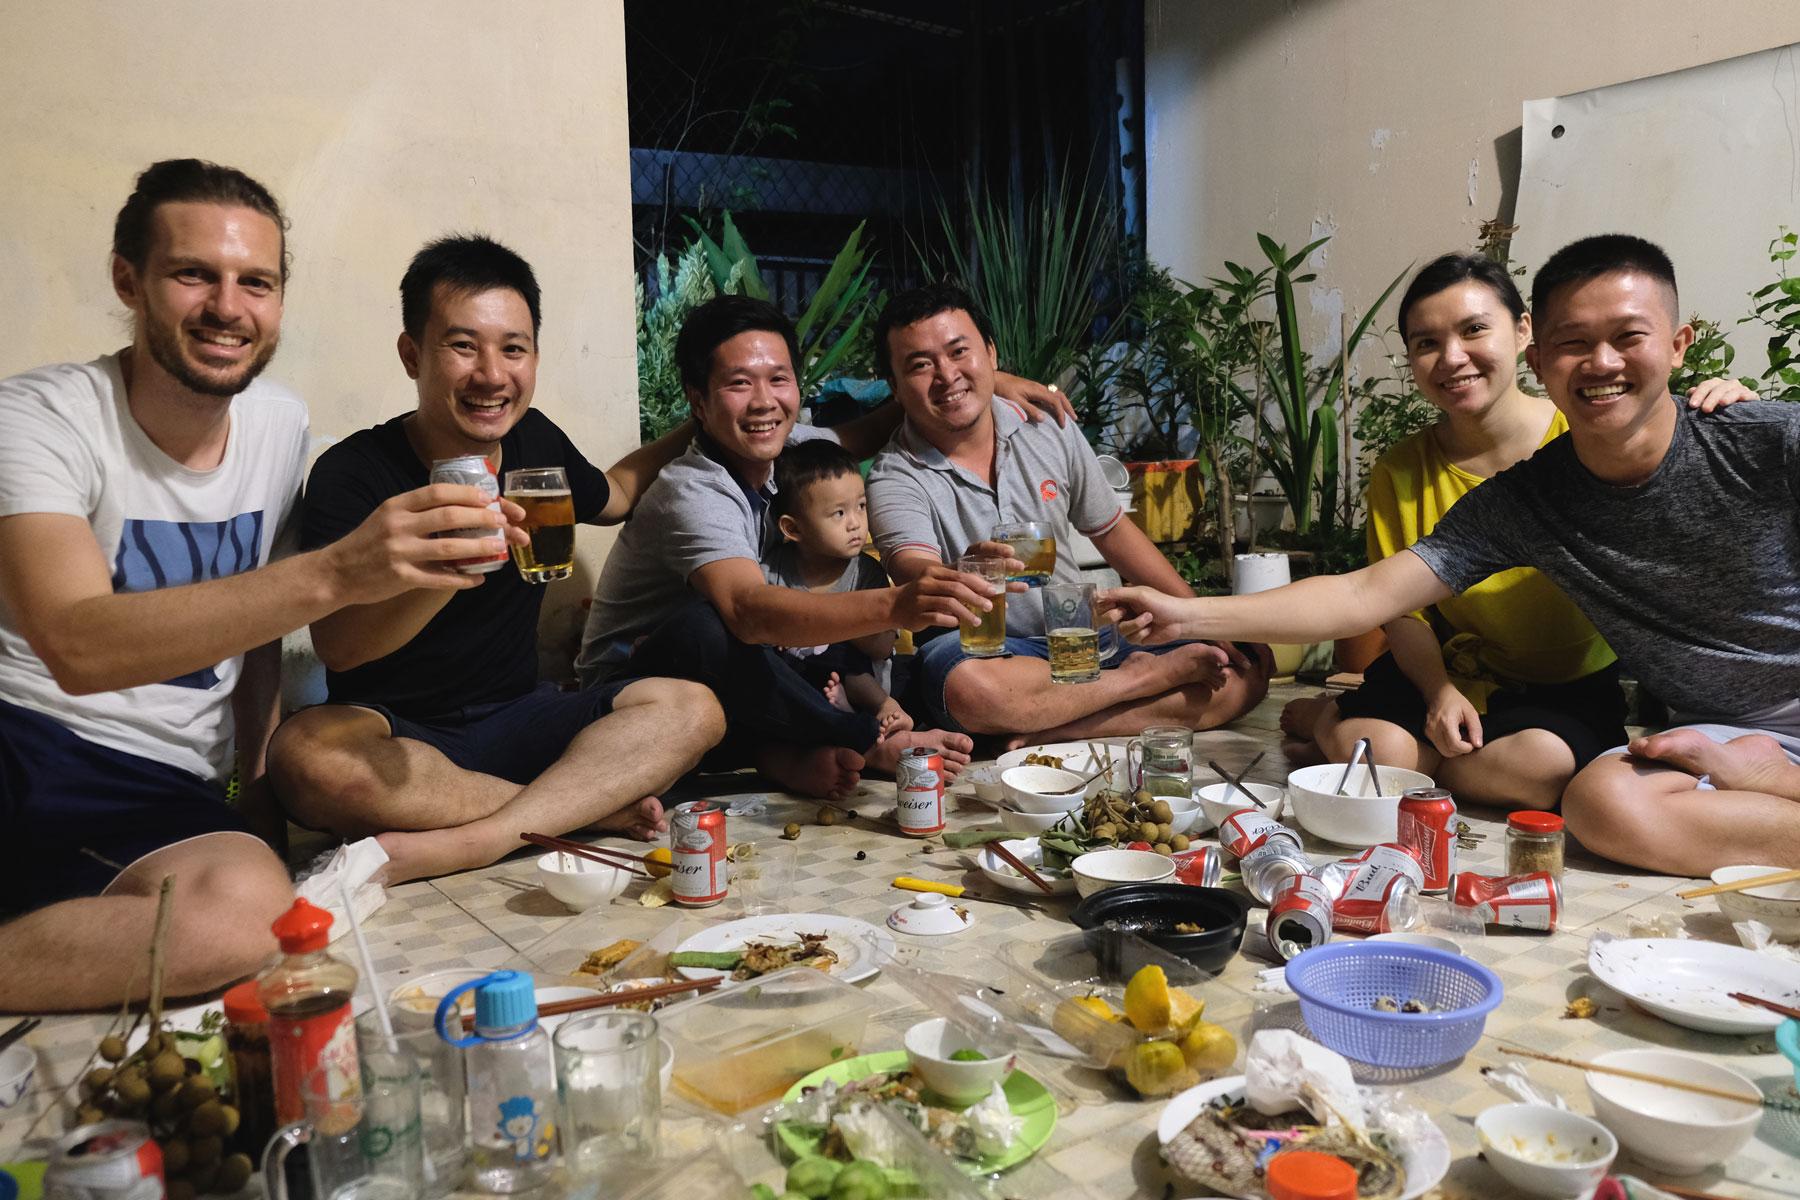 Sebastian sitzt mit Couchsurfing-Gastgeber Hanh und dessen Freunden auf dem Boden und stößt zu Ehren von Hanhs Geburtstag mit ihnen an.